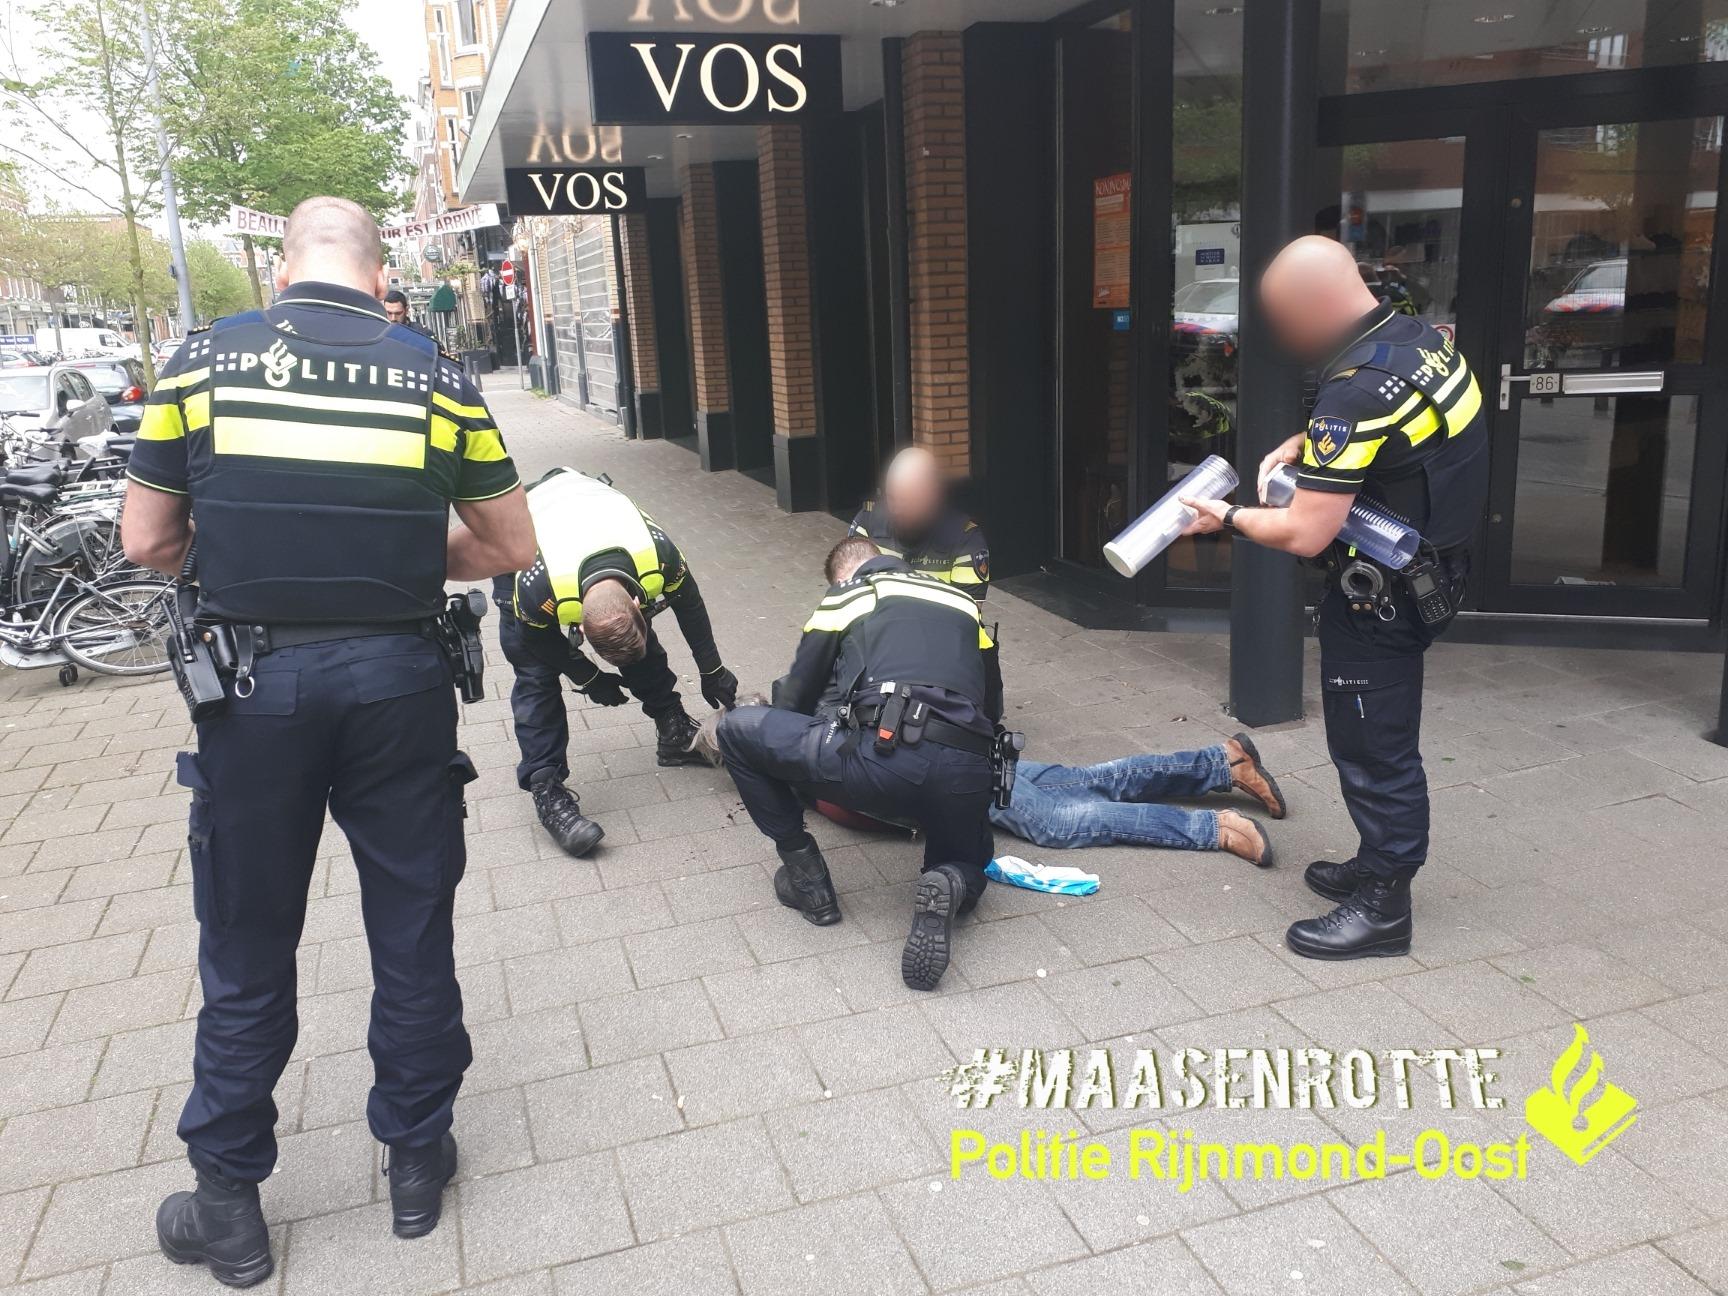 Politieagenten halen zeer beschonken man met mes van straat na bedreiging in Rotterdam